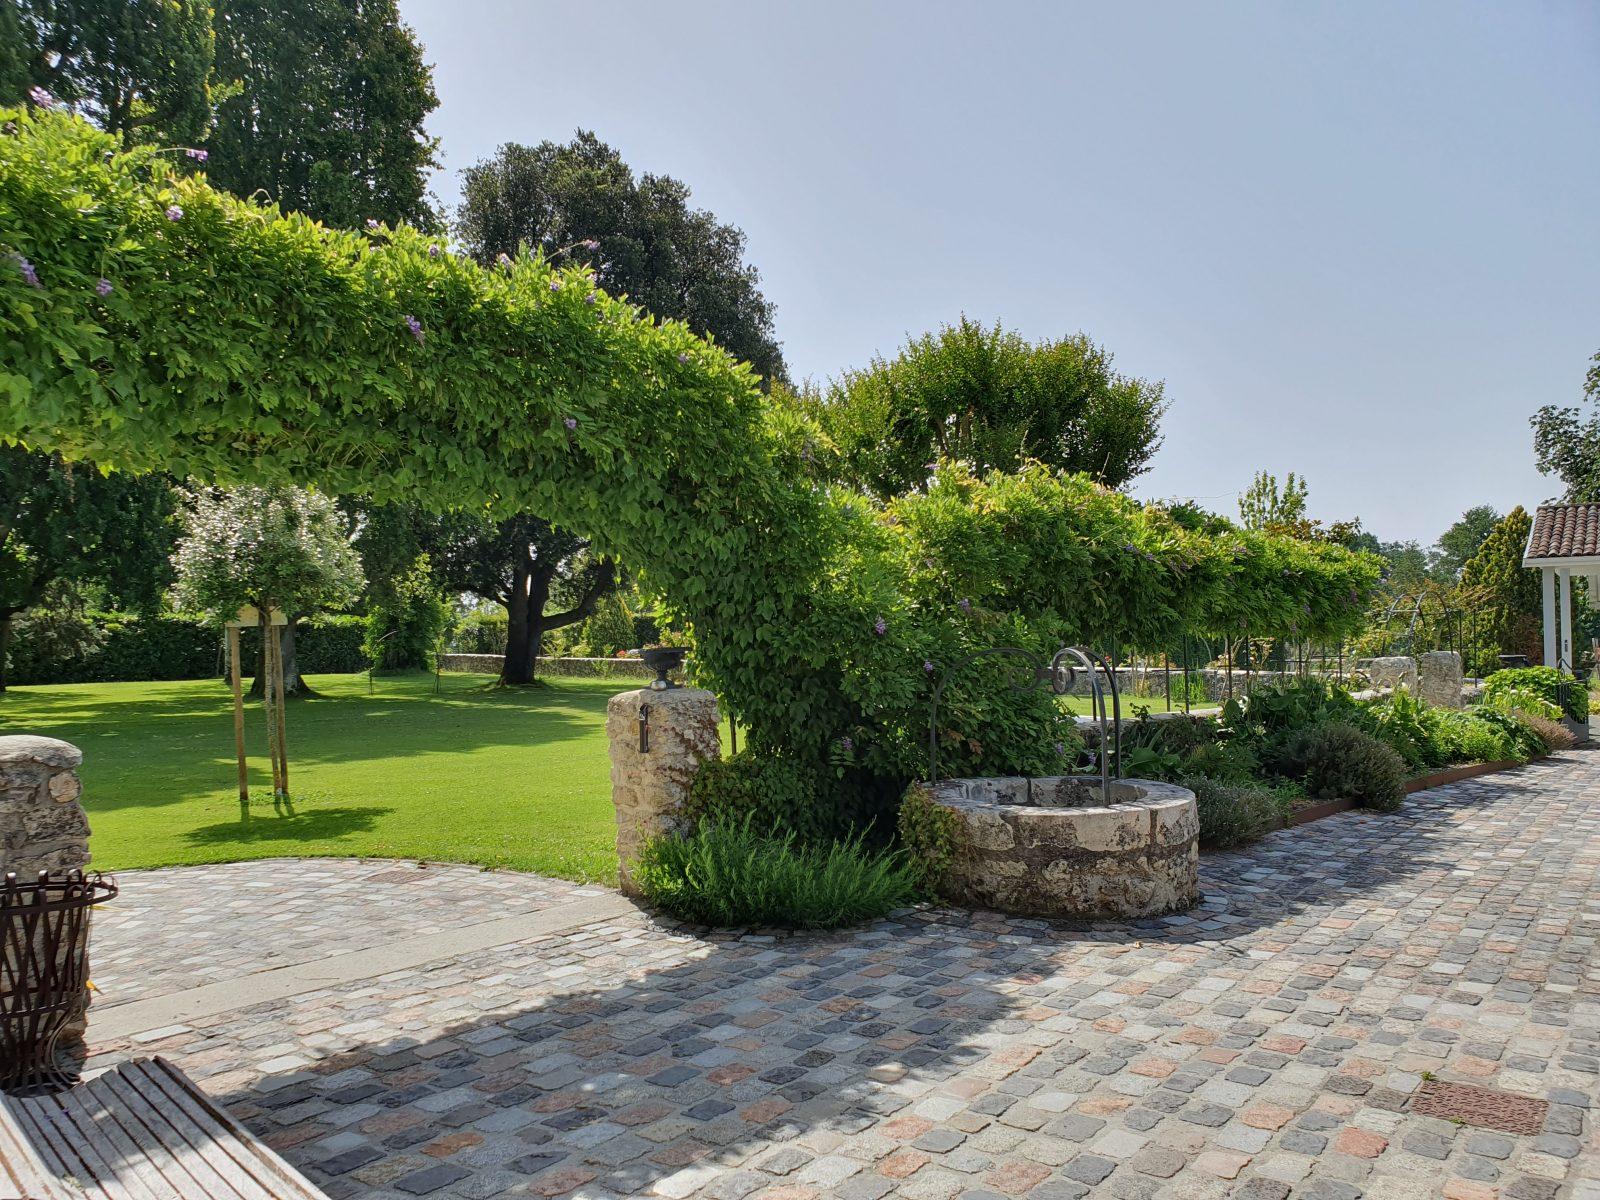 domaine-de-larchey-jardins-photos-tous-droits-reserves-service-communication-Domaine-de-Larchey–2-